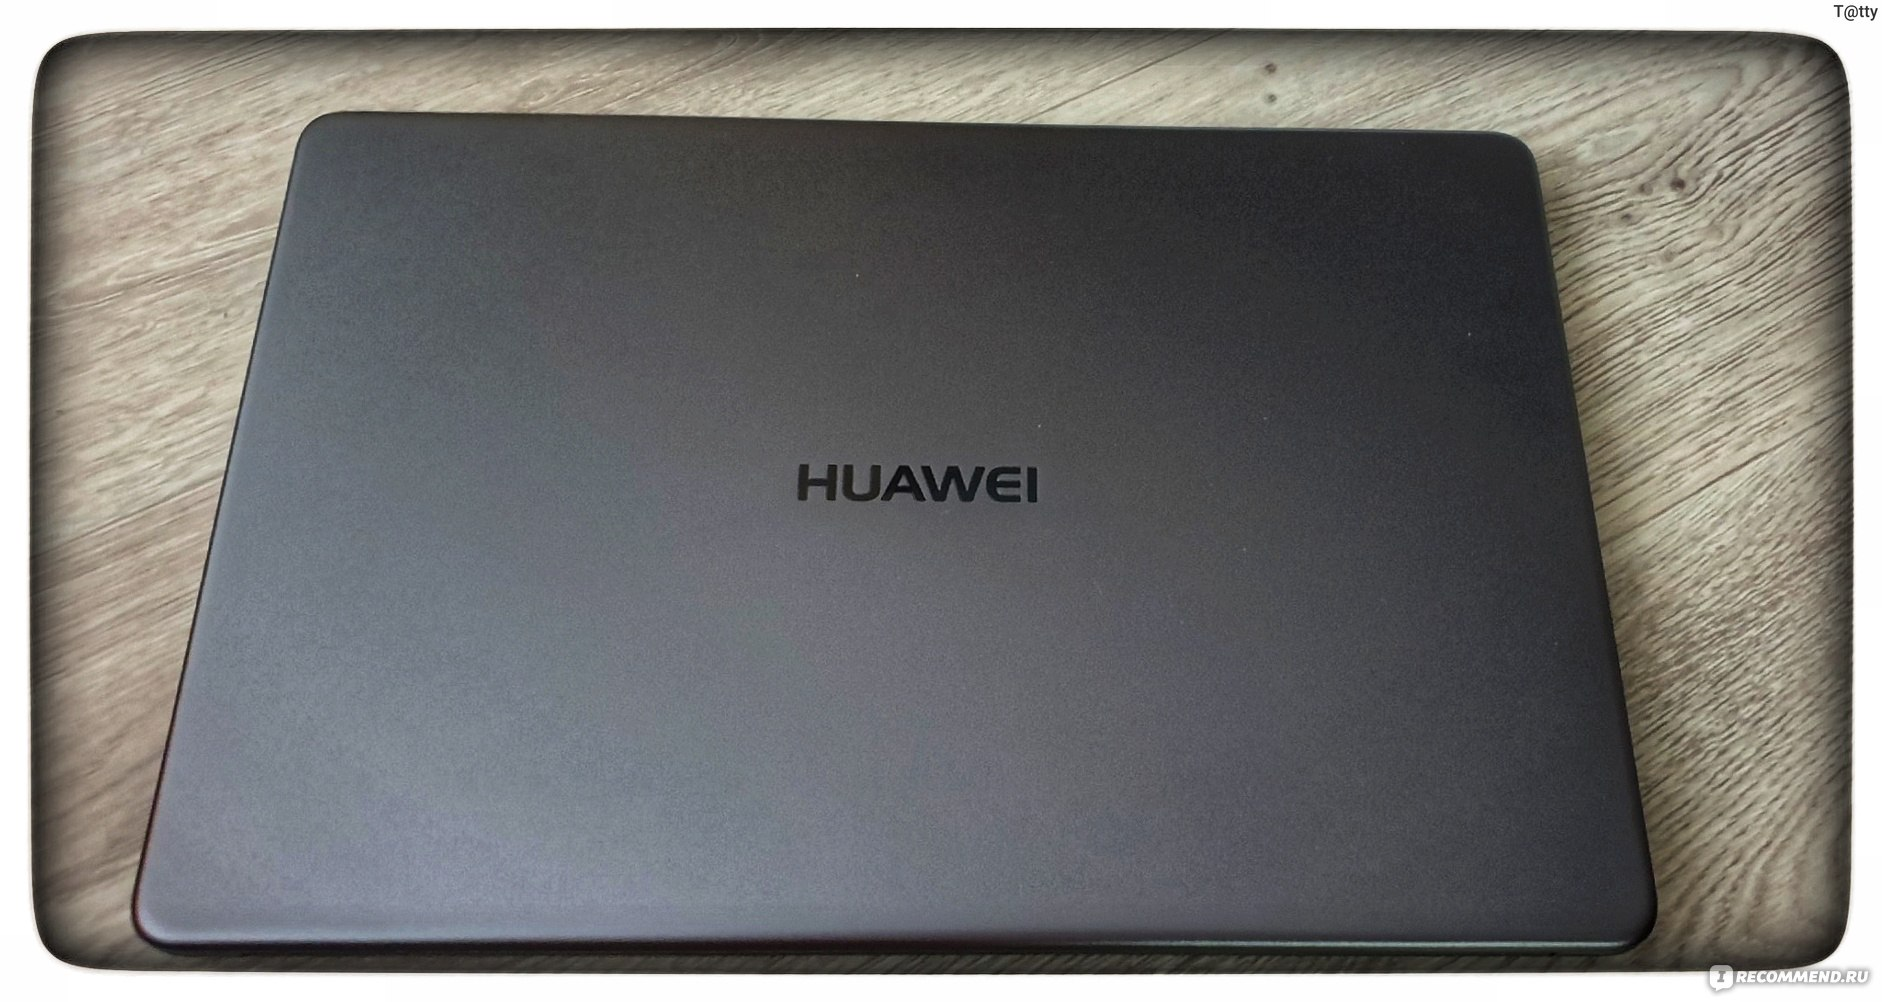 Huawei выпустила первые ноутбуки не на windows - cnews